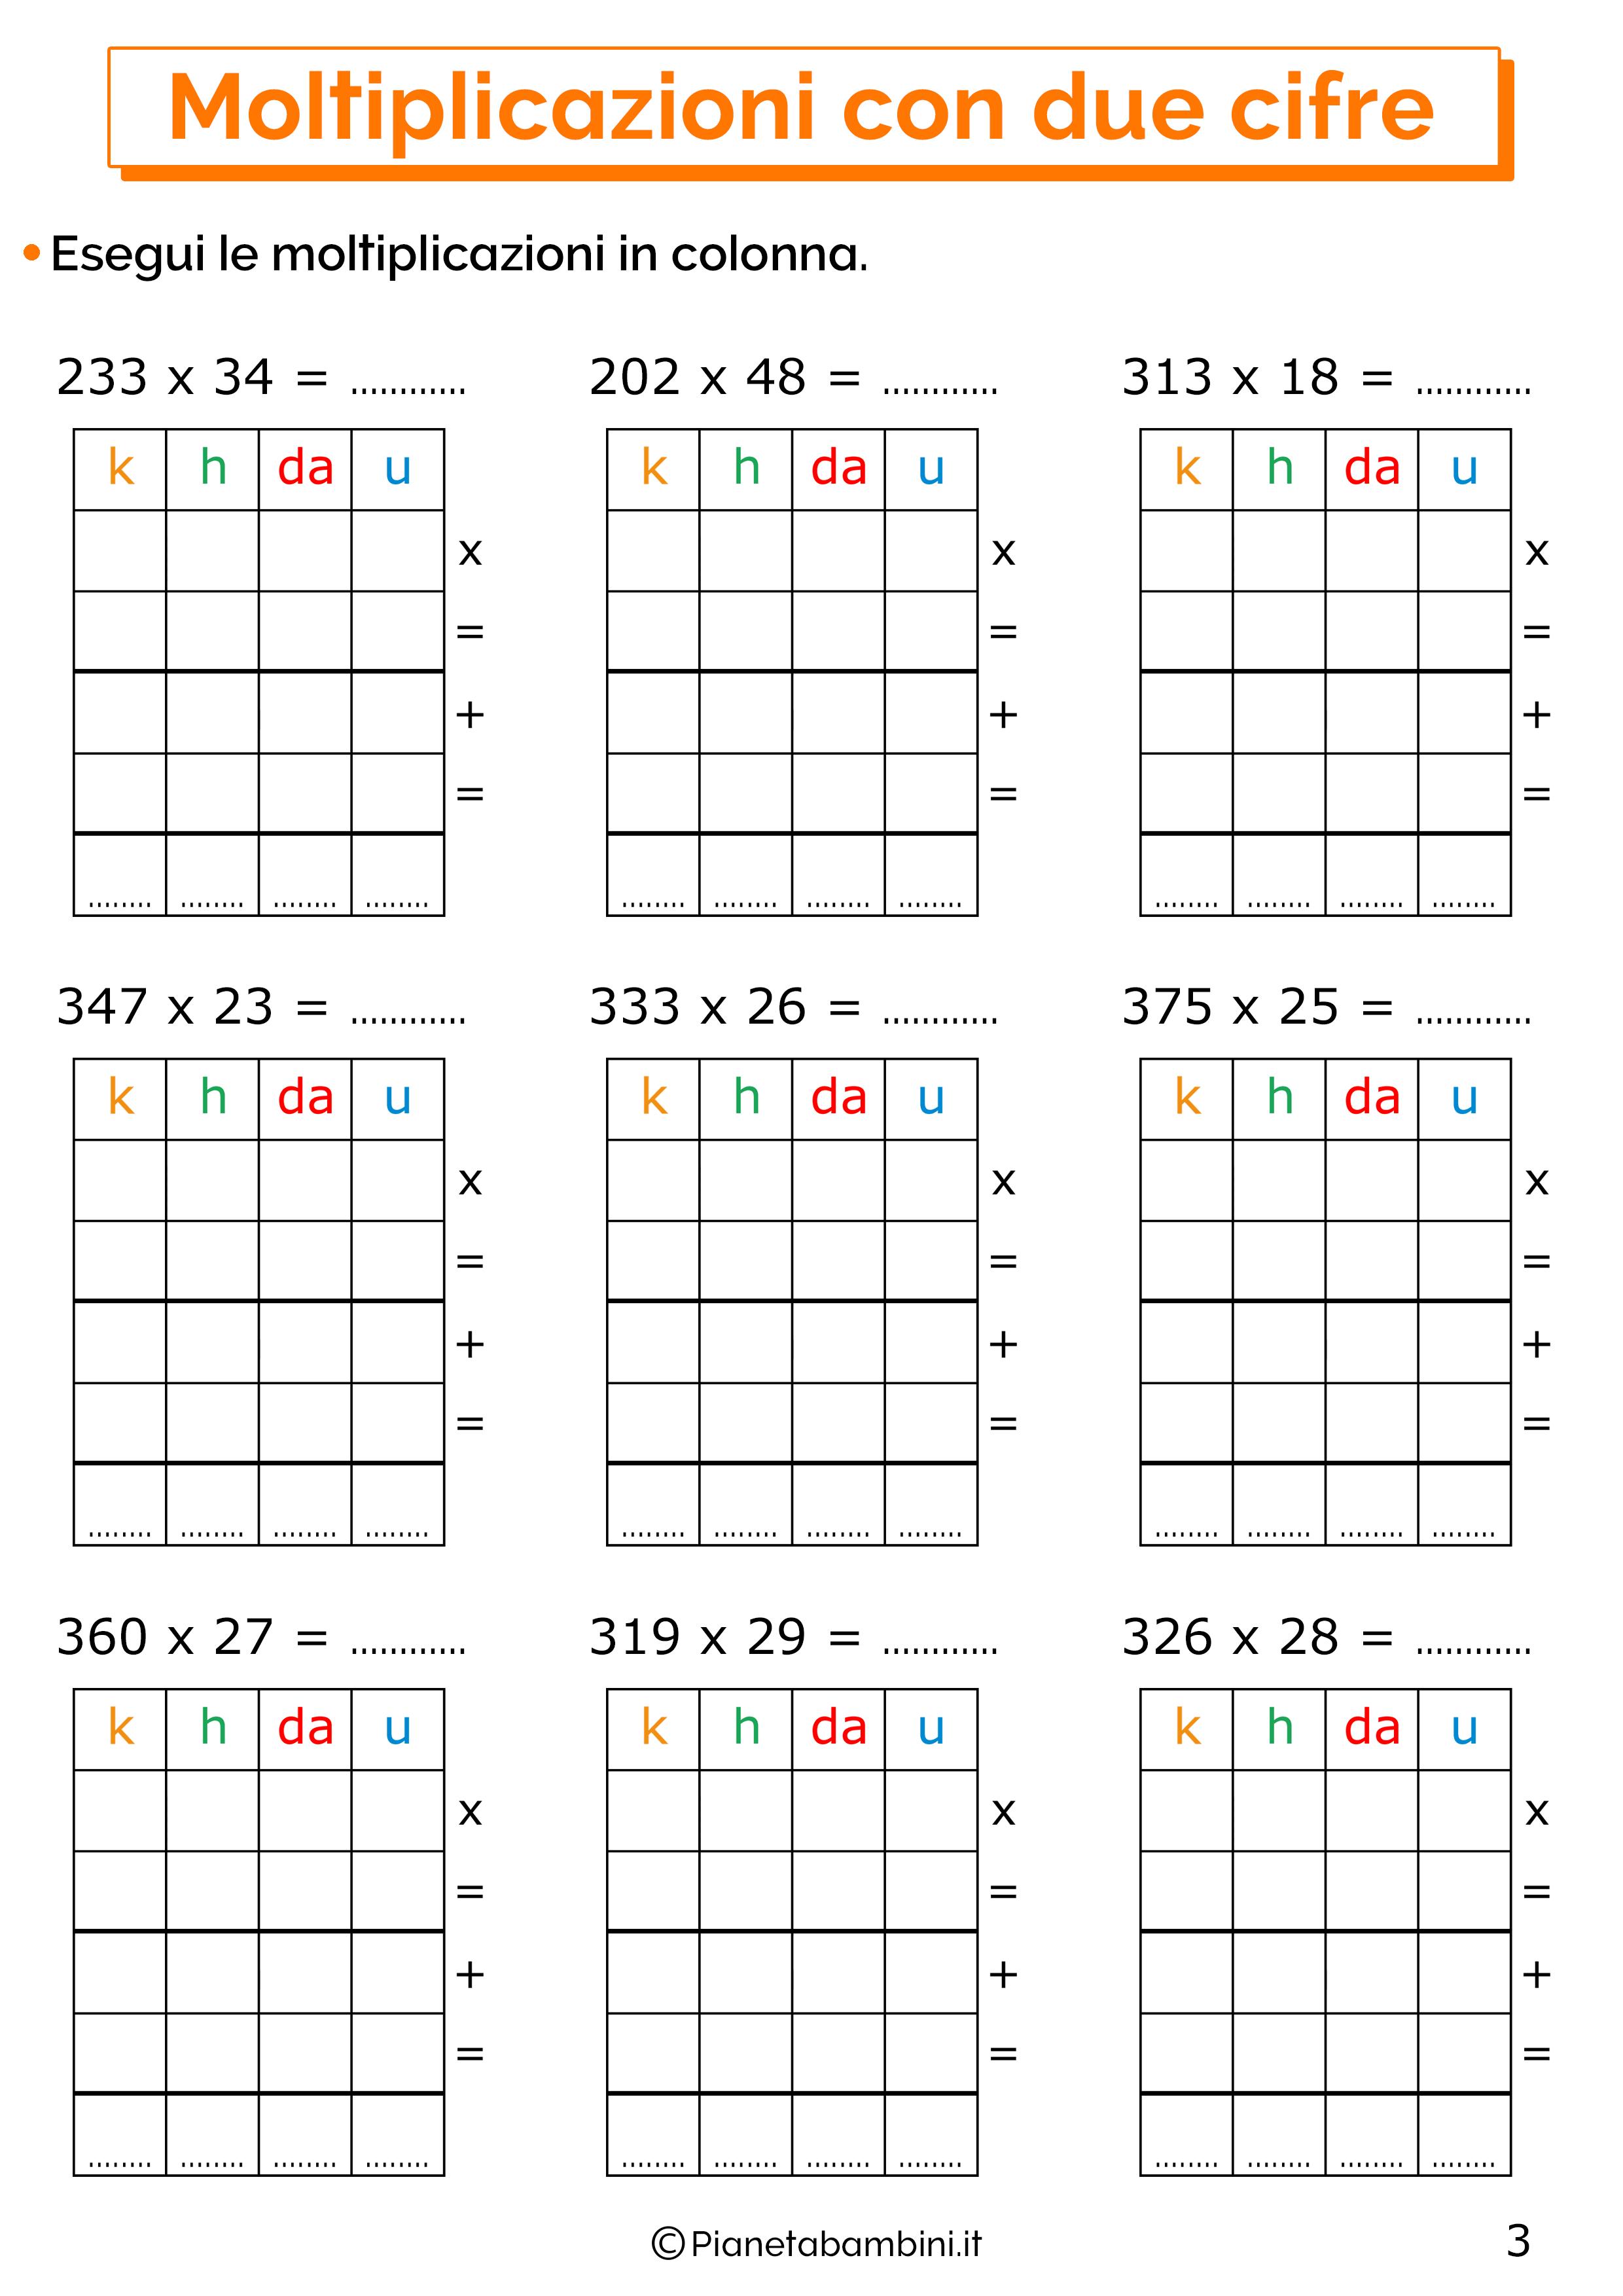 Esercizi sulle moltiplicazioni in colonna con tre cifre al moltiplicando e due cifre al moltiplicatore 3